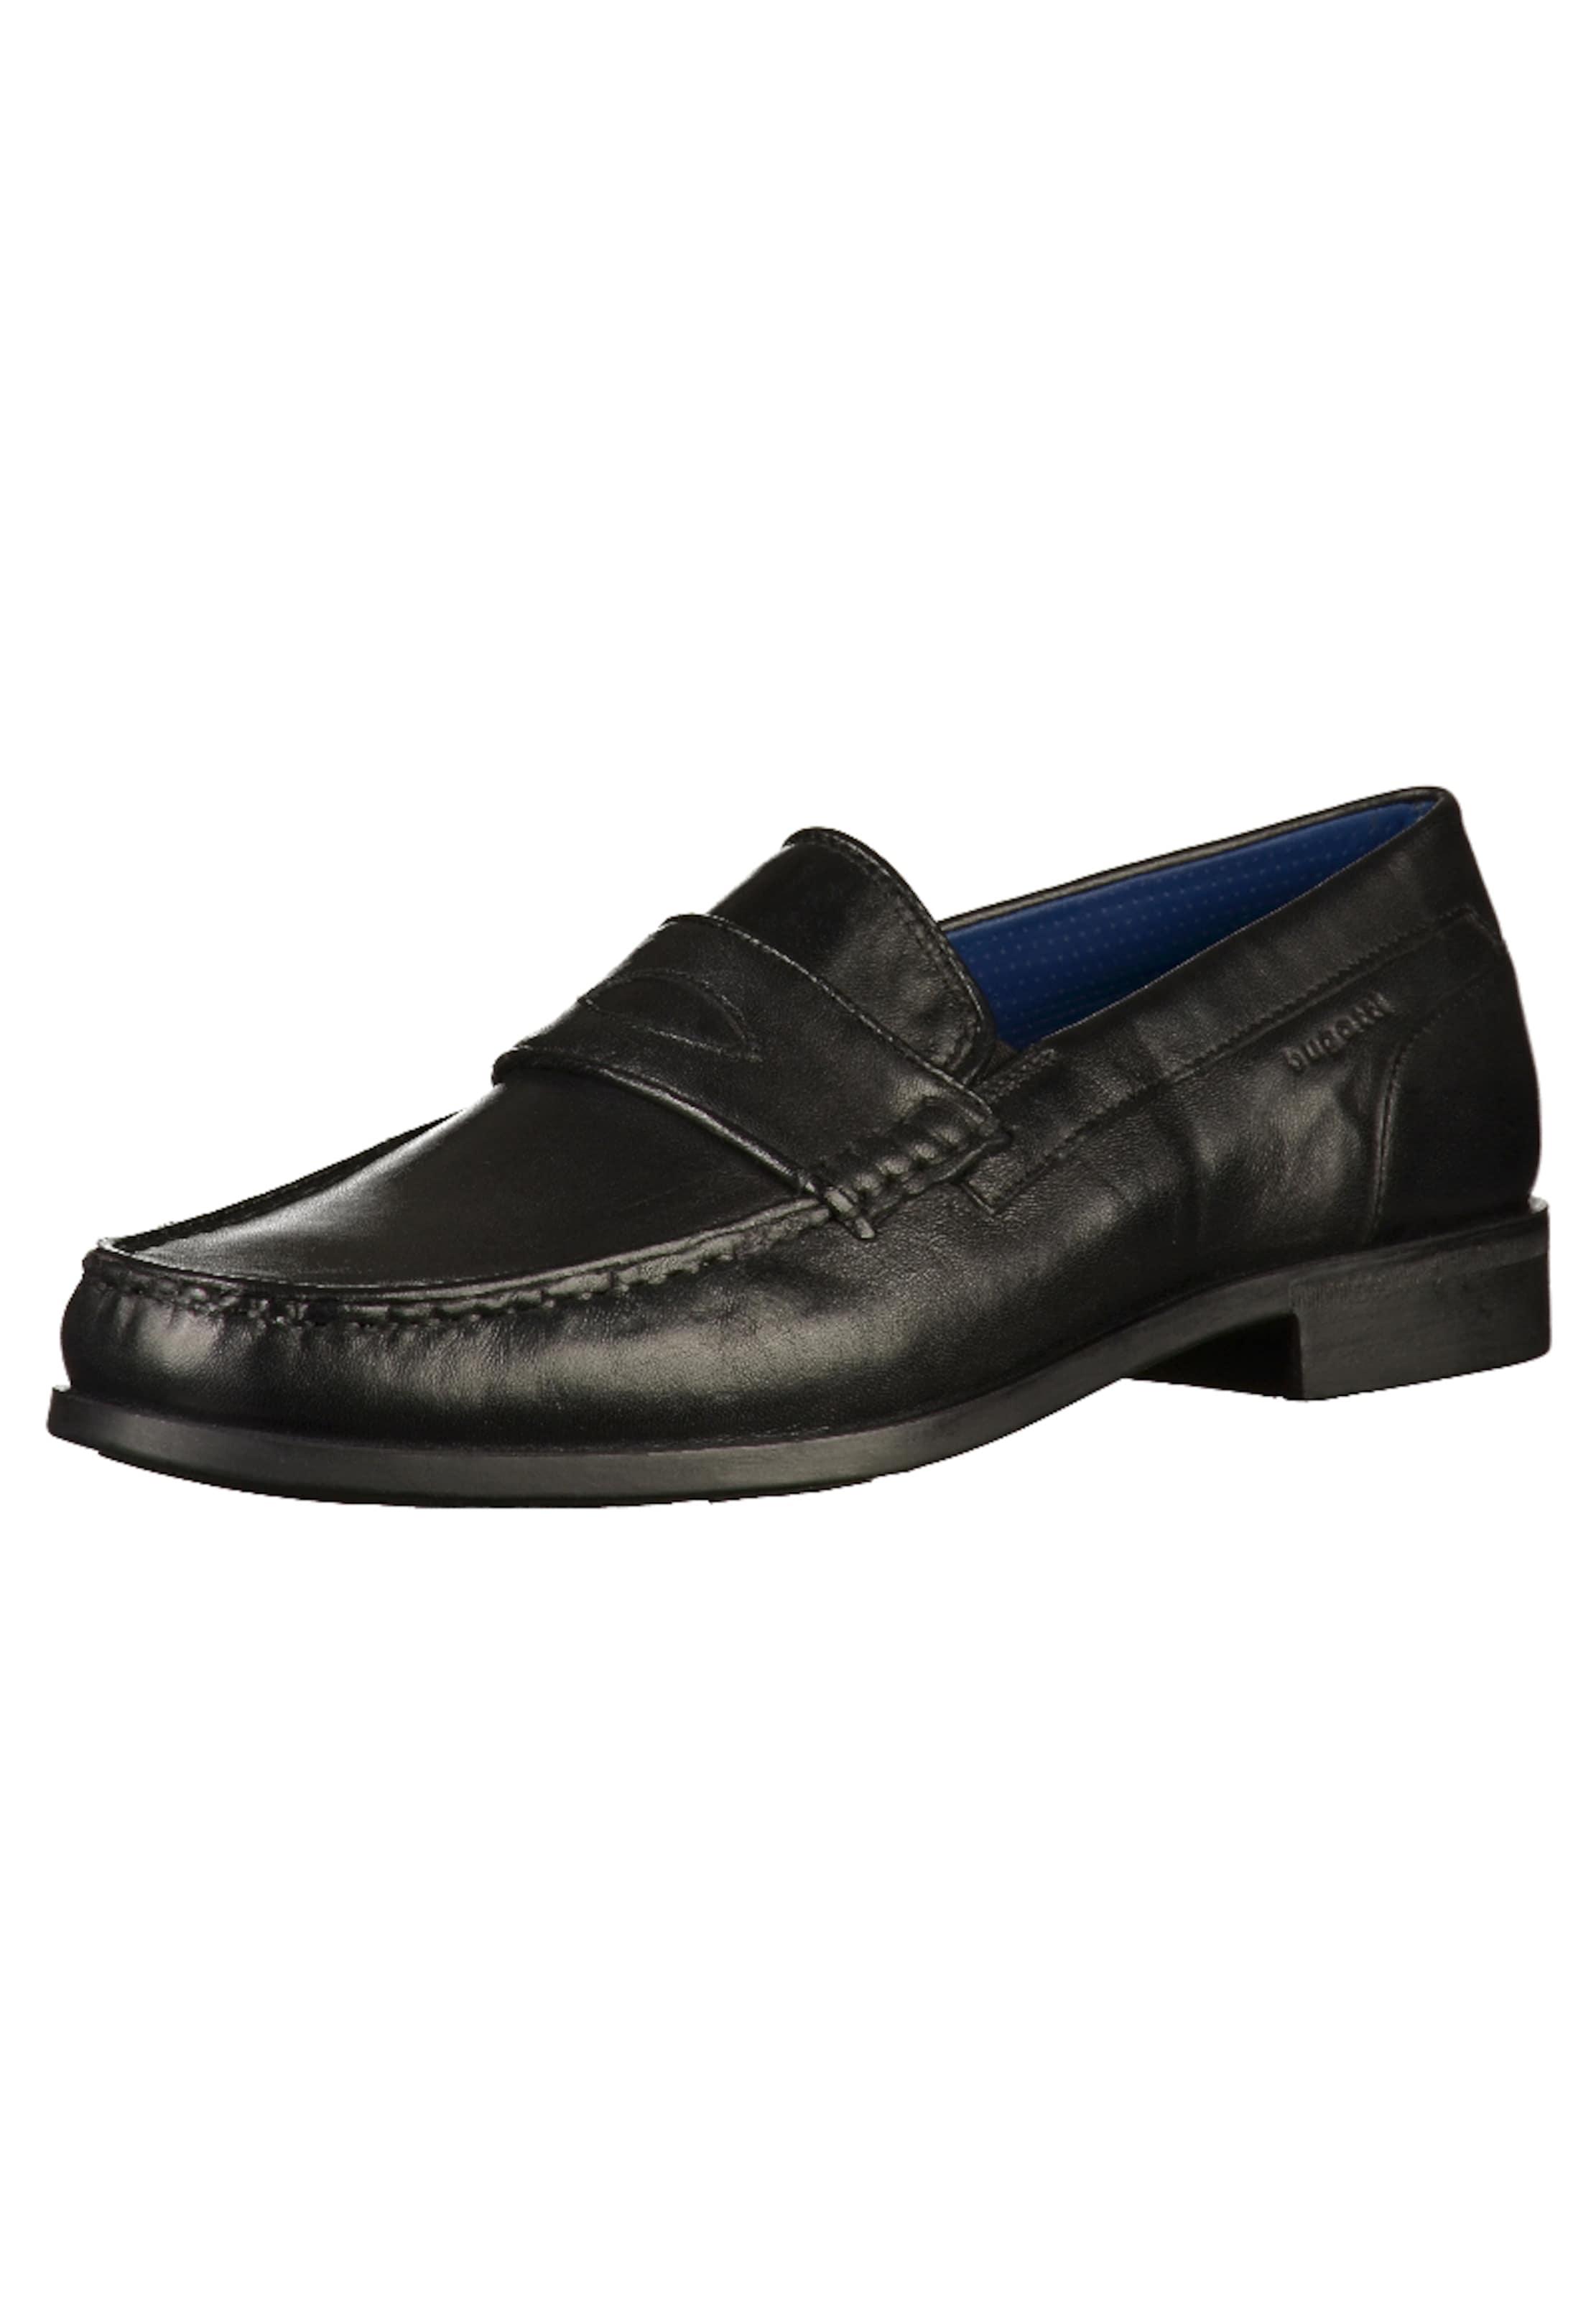 bugatti Business-Slipper Verschleißfeste billige Schuhe Hohe Qualität